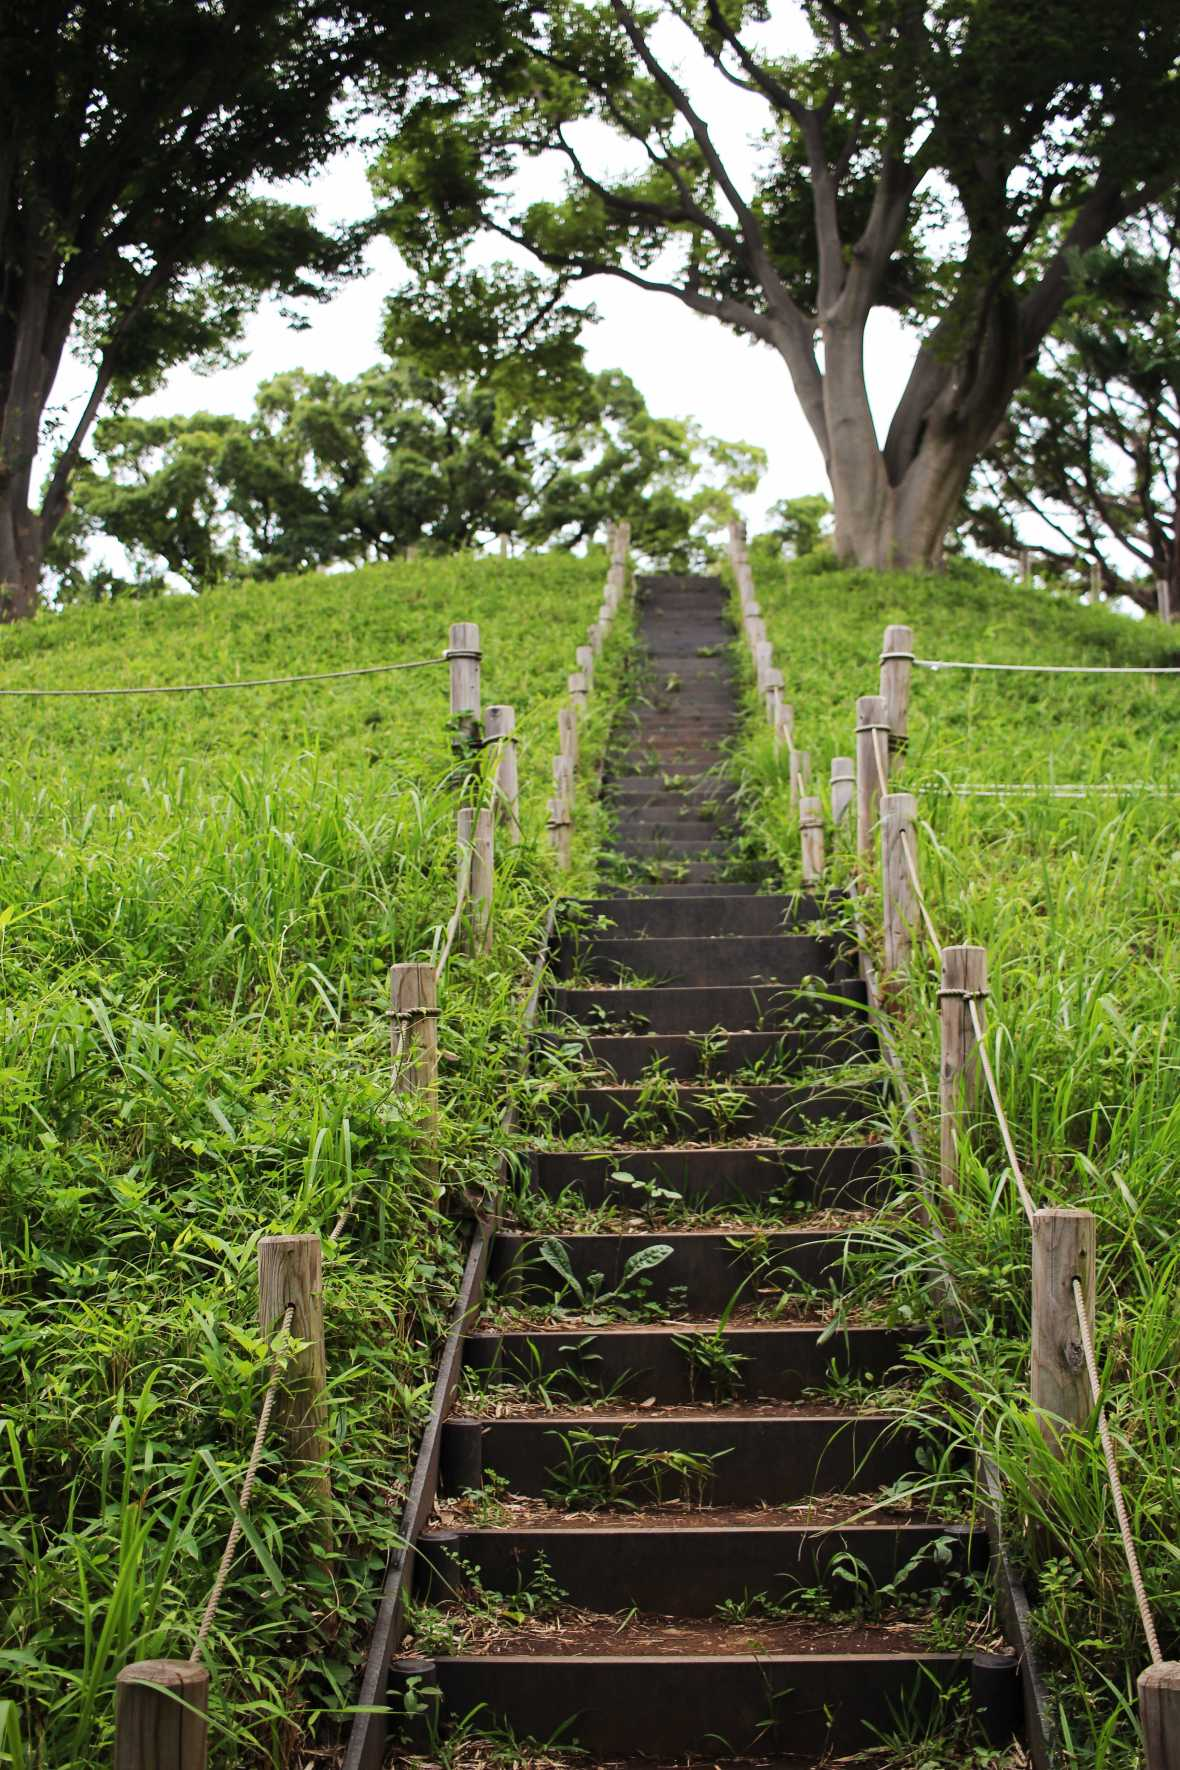 laurent ibanez derriere la colline vallee todoroki kofun